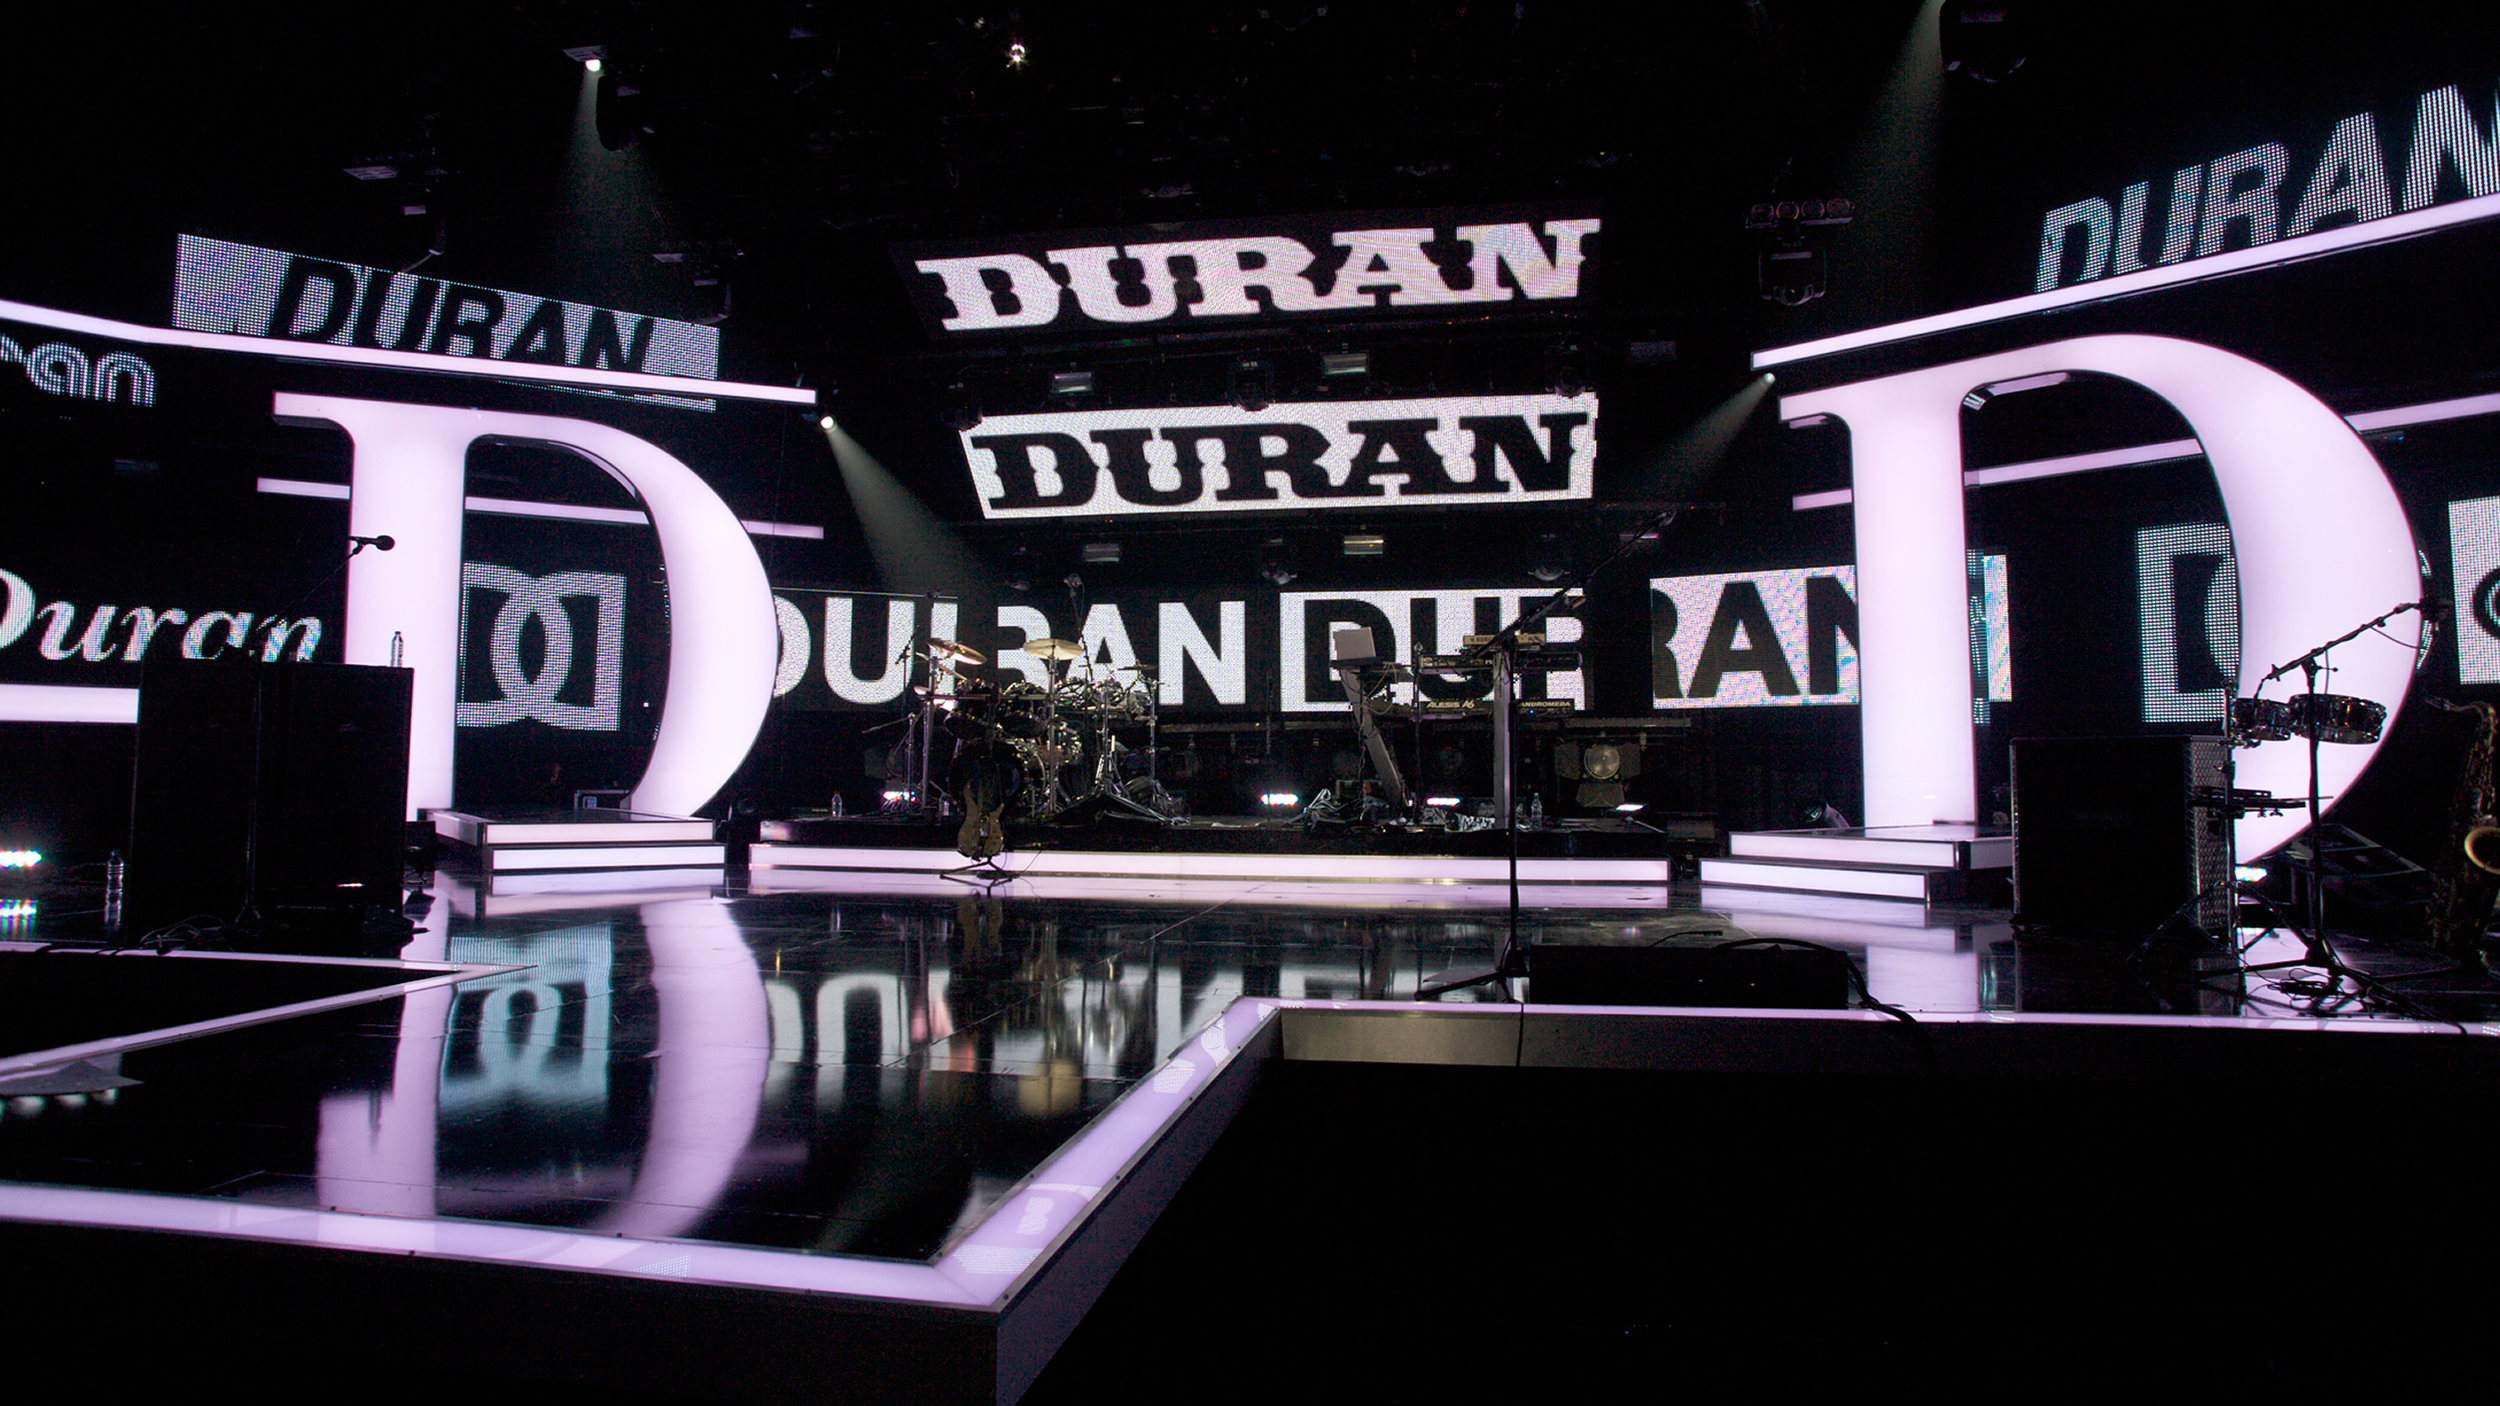 DURAN DURAN MUSIC SPECIAL